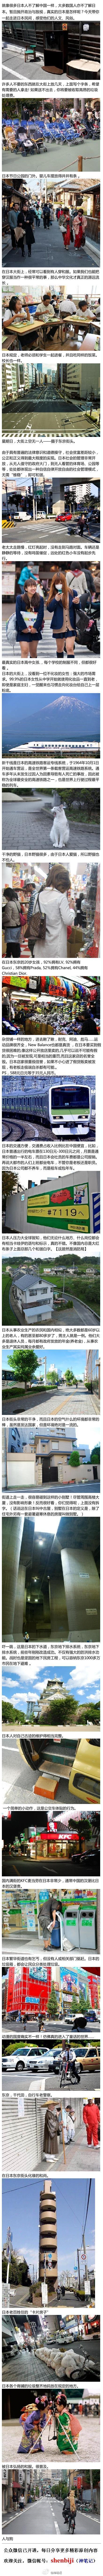 带你走进真实的日本,我被惊呆了   [神笔记] - 冰华 - 梦幻与沉思